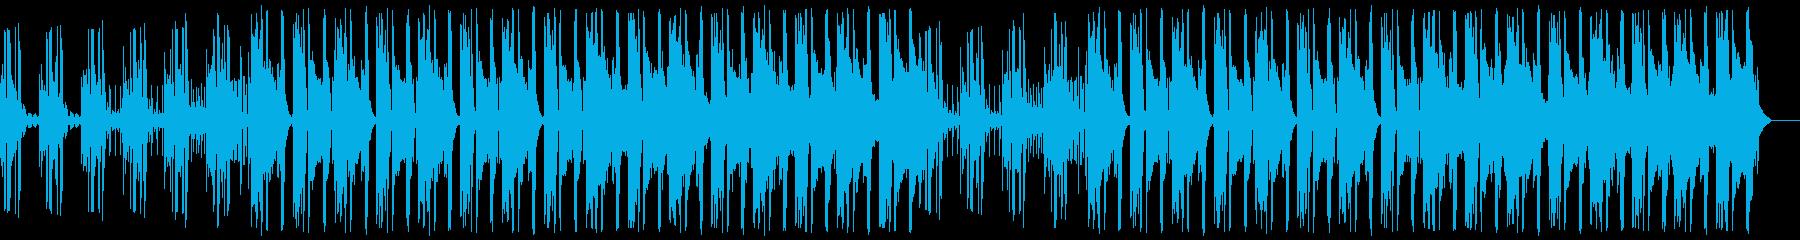 CM映像制作向けフューチャーベース の再生済みの波形